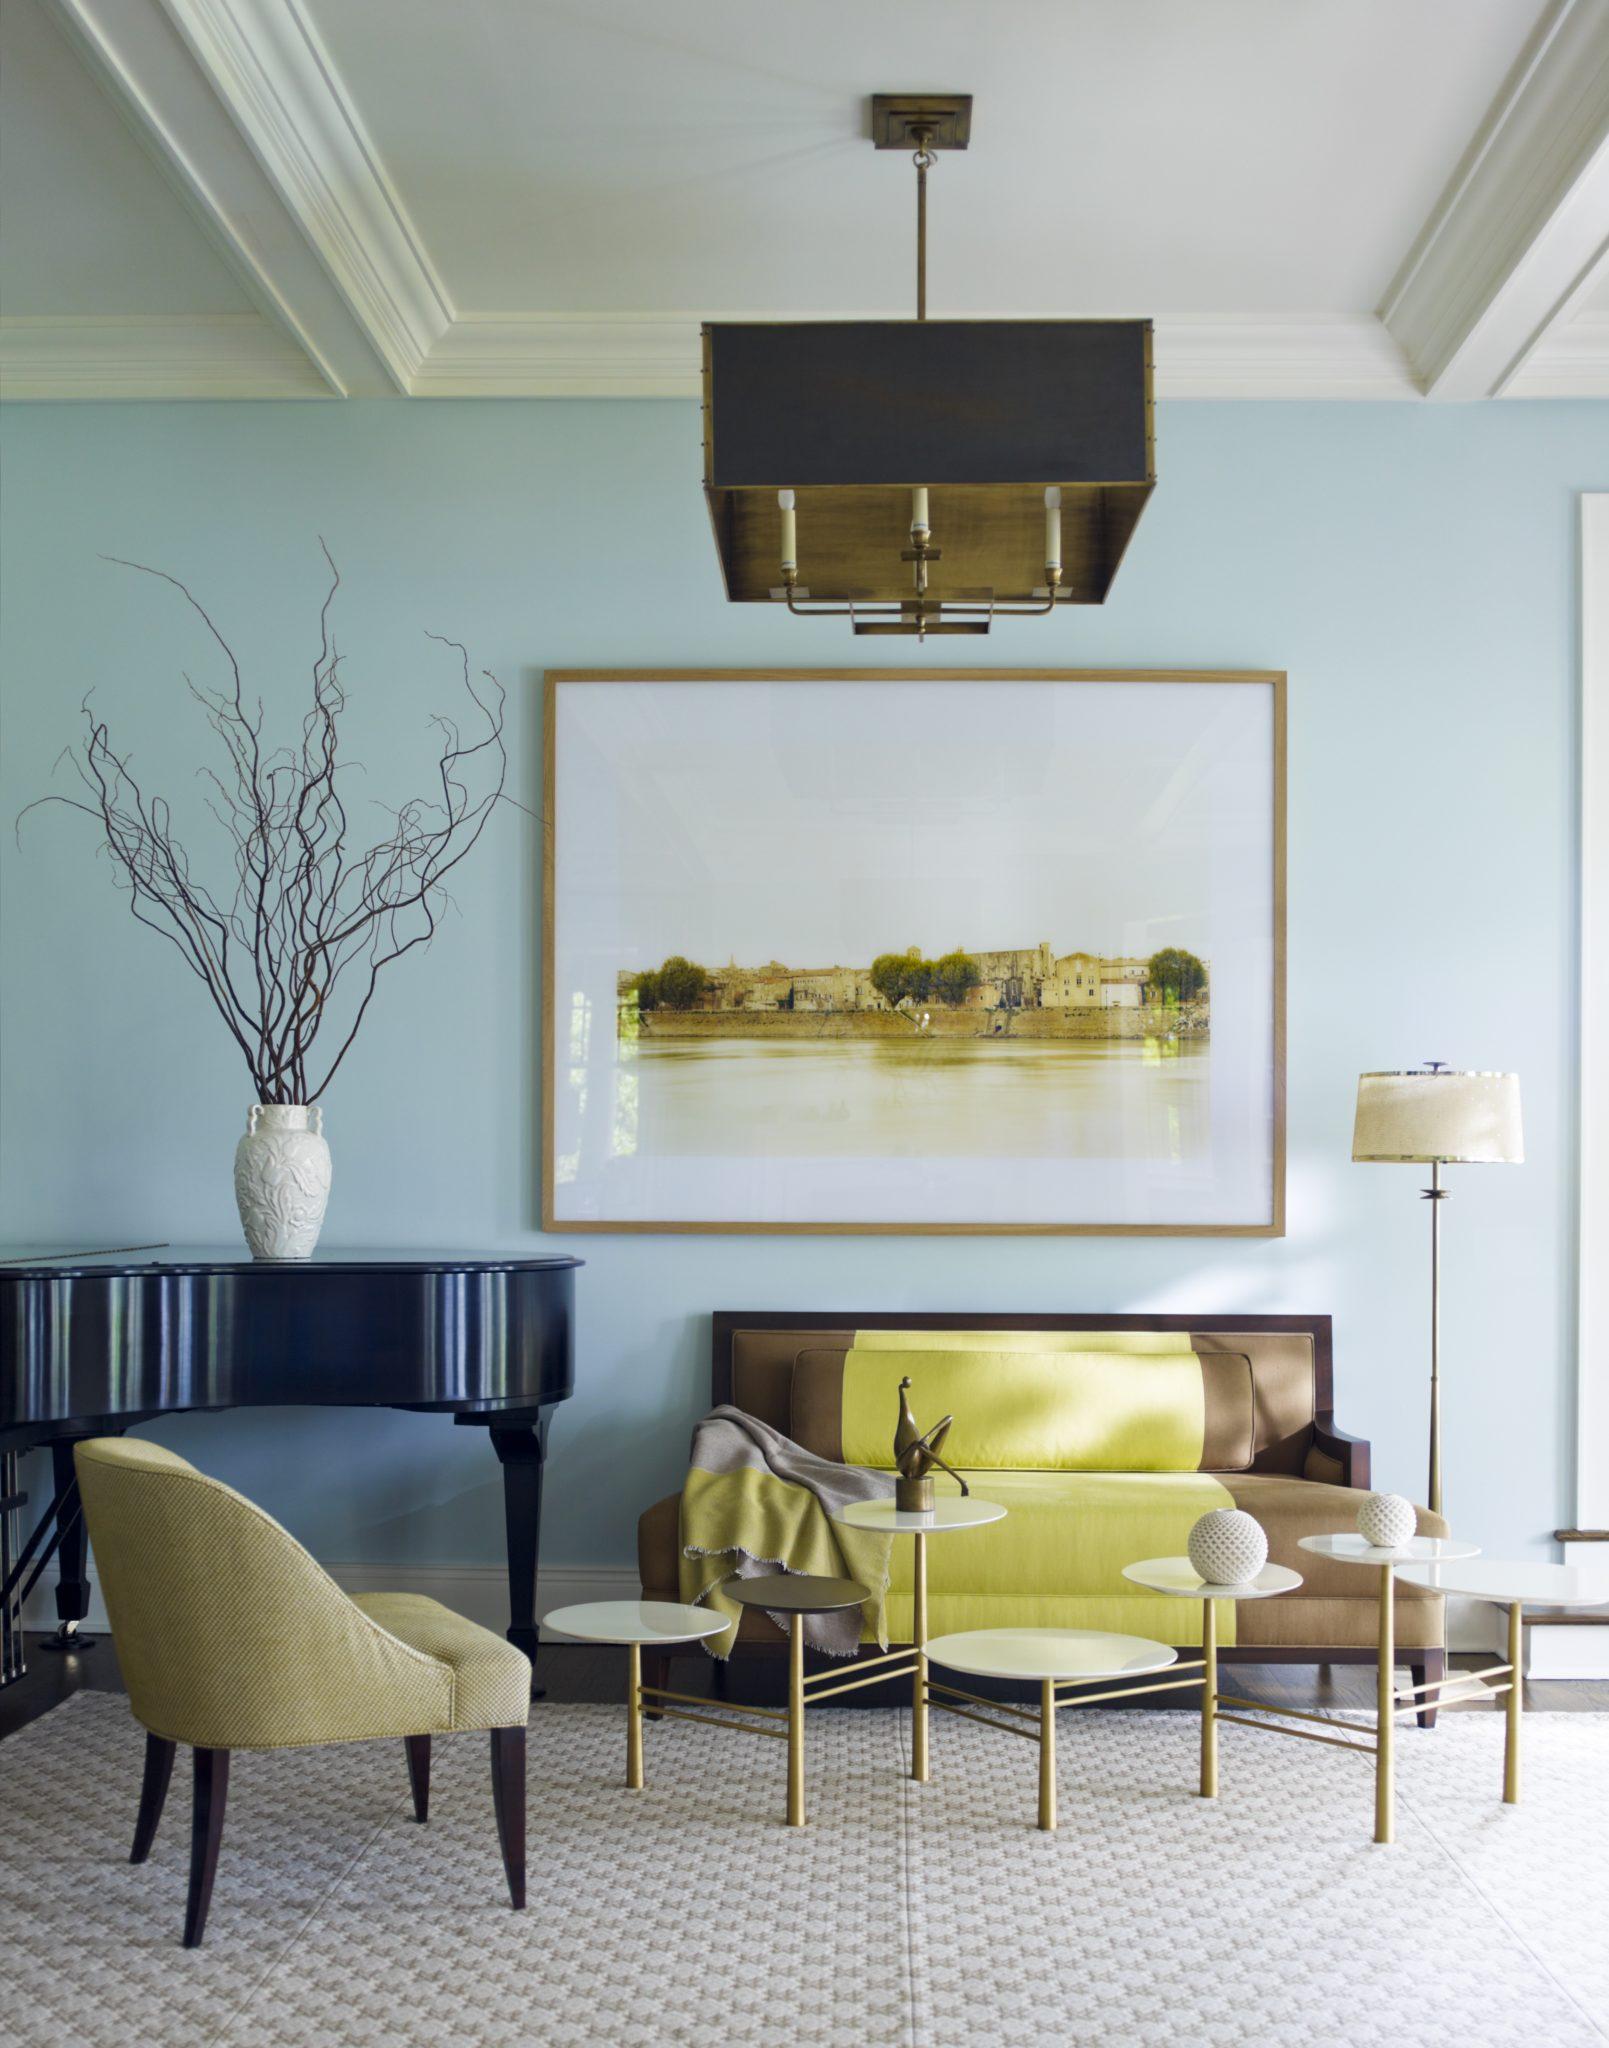 Cùng chiêm ngưỡng vẻ đẹp khó cưỡng của những căn phòng khách mang phong cách đương đại - Ảnh 1.